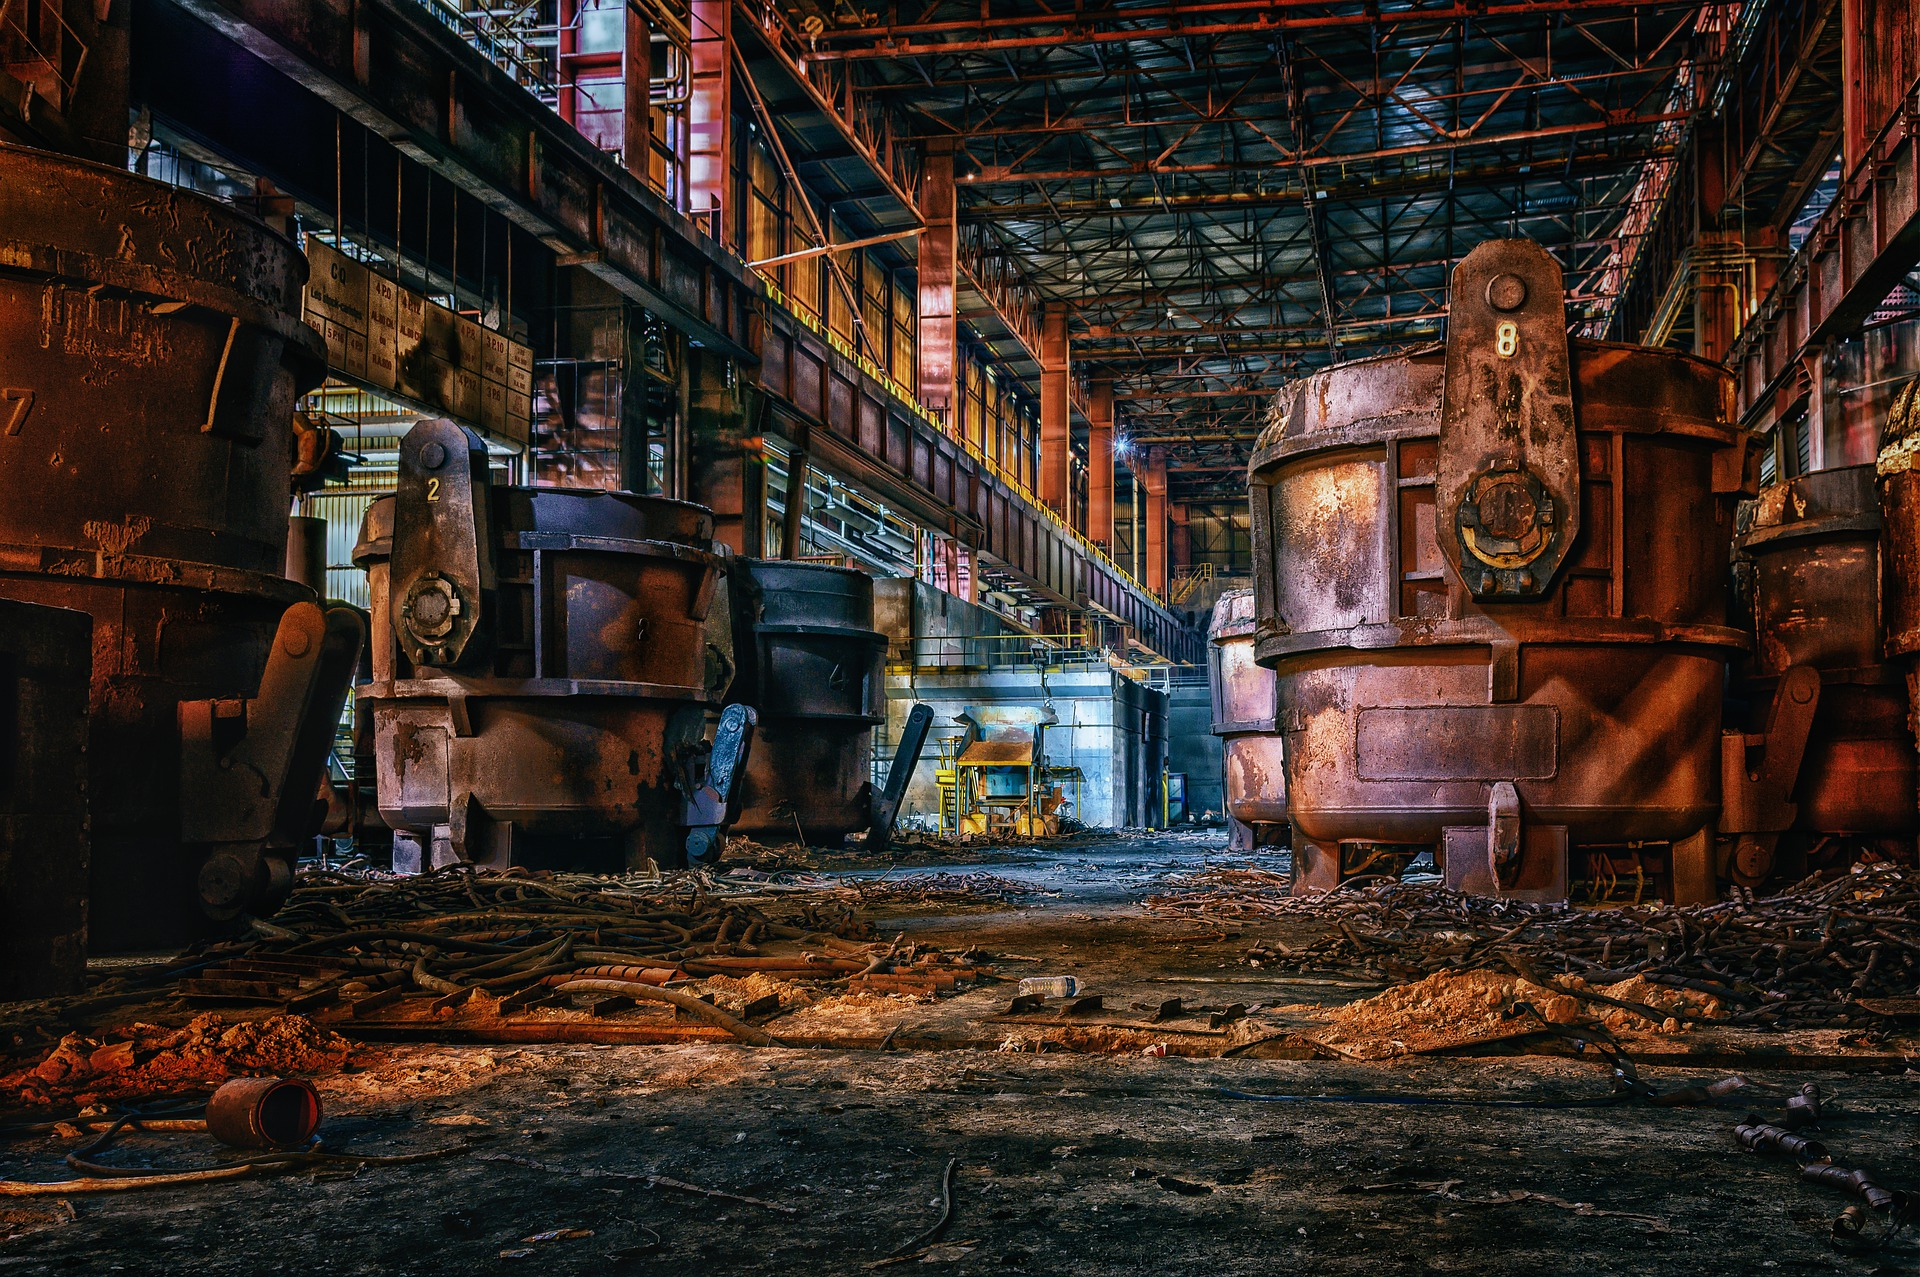 steel-mill-4646843_1920